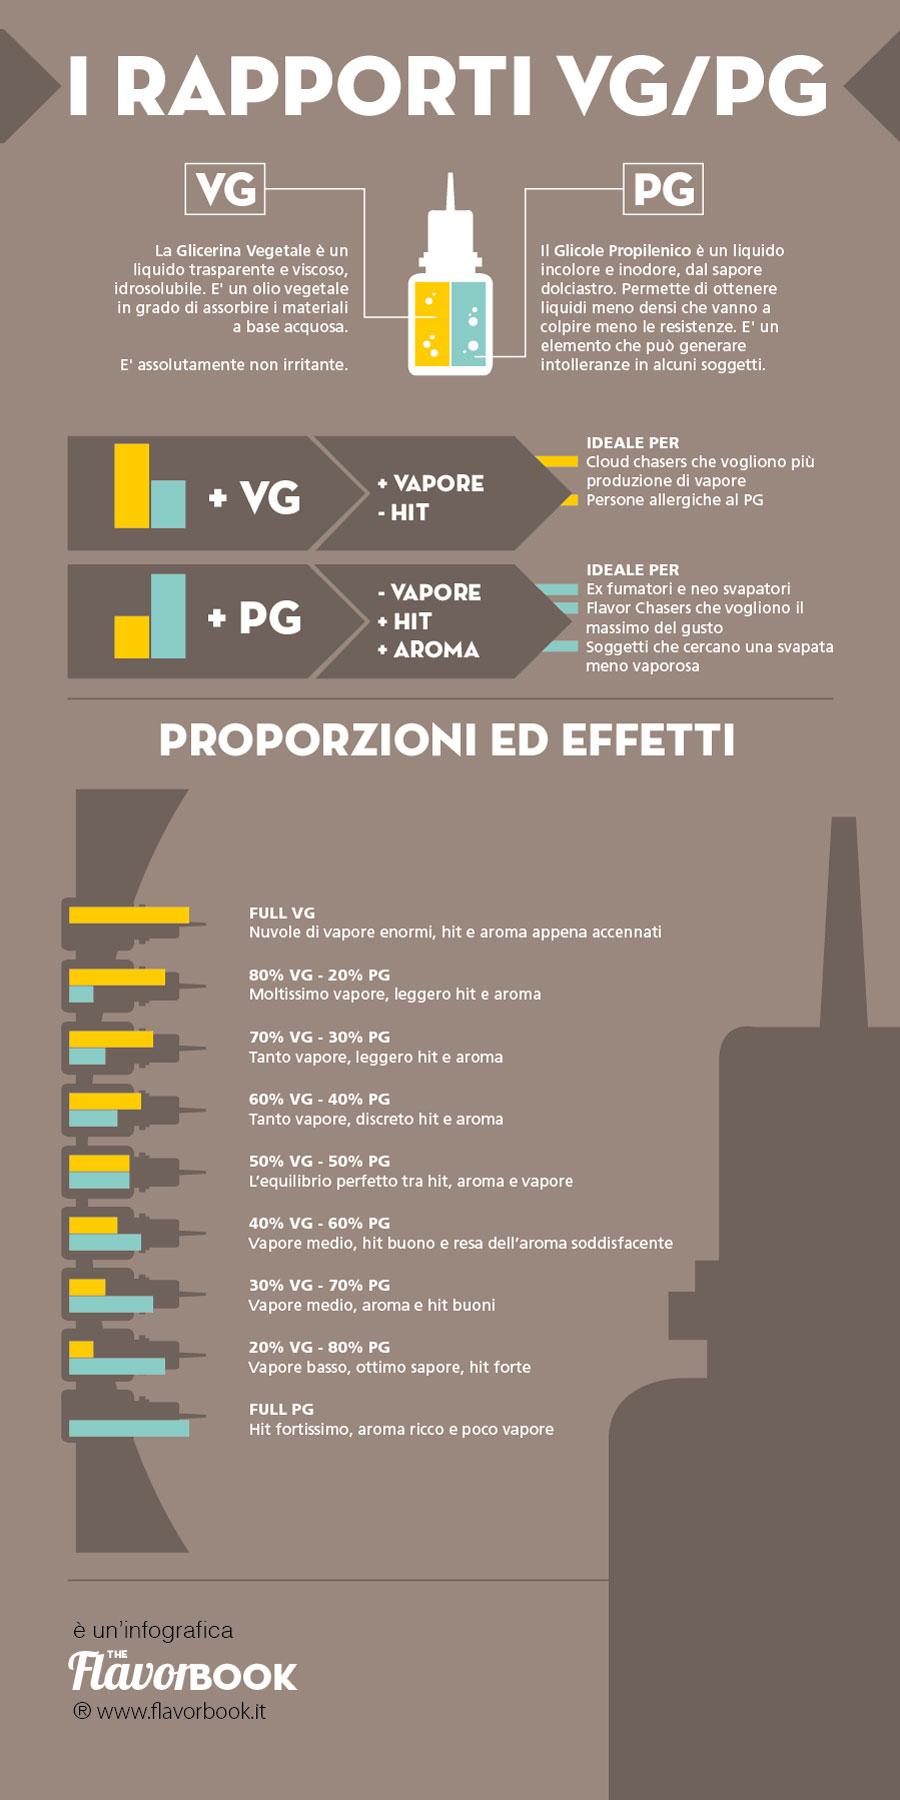 Come scegliere il liquido migliore per sigaretta elettronica